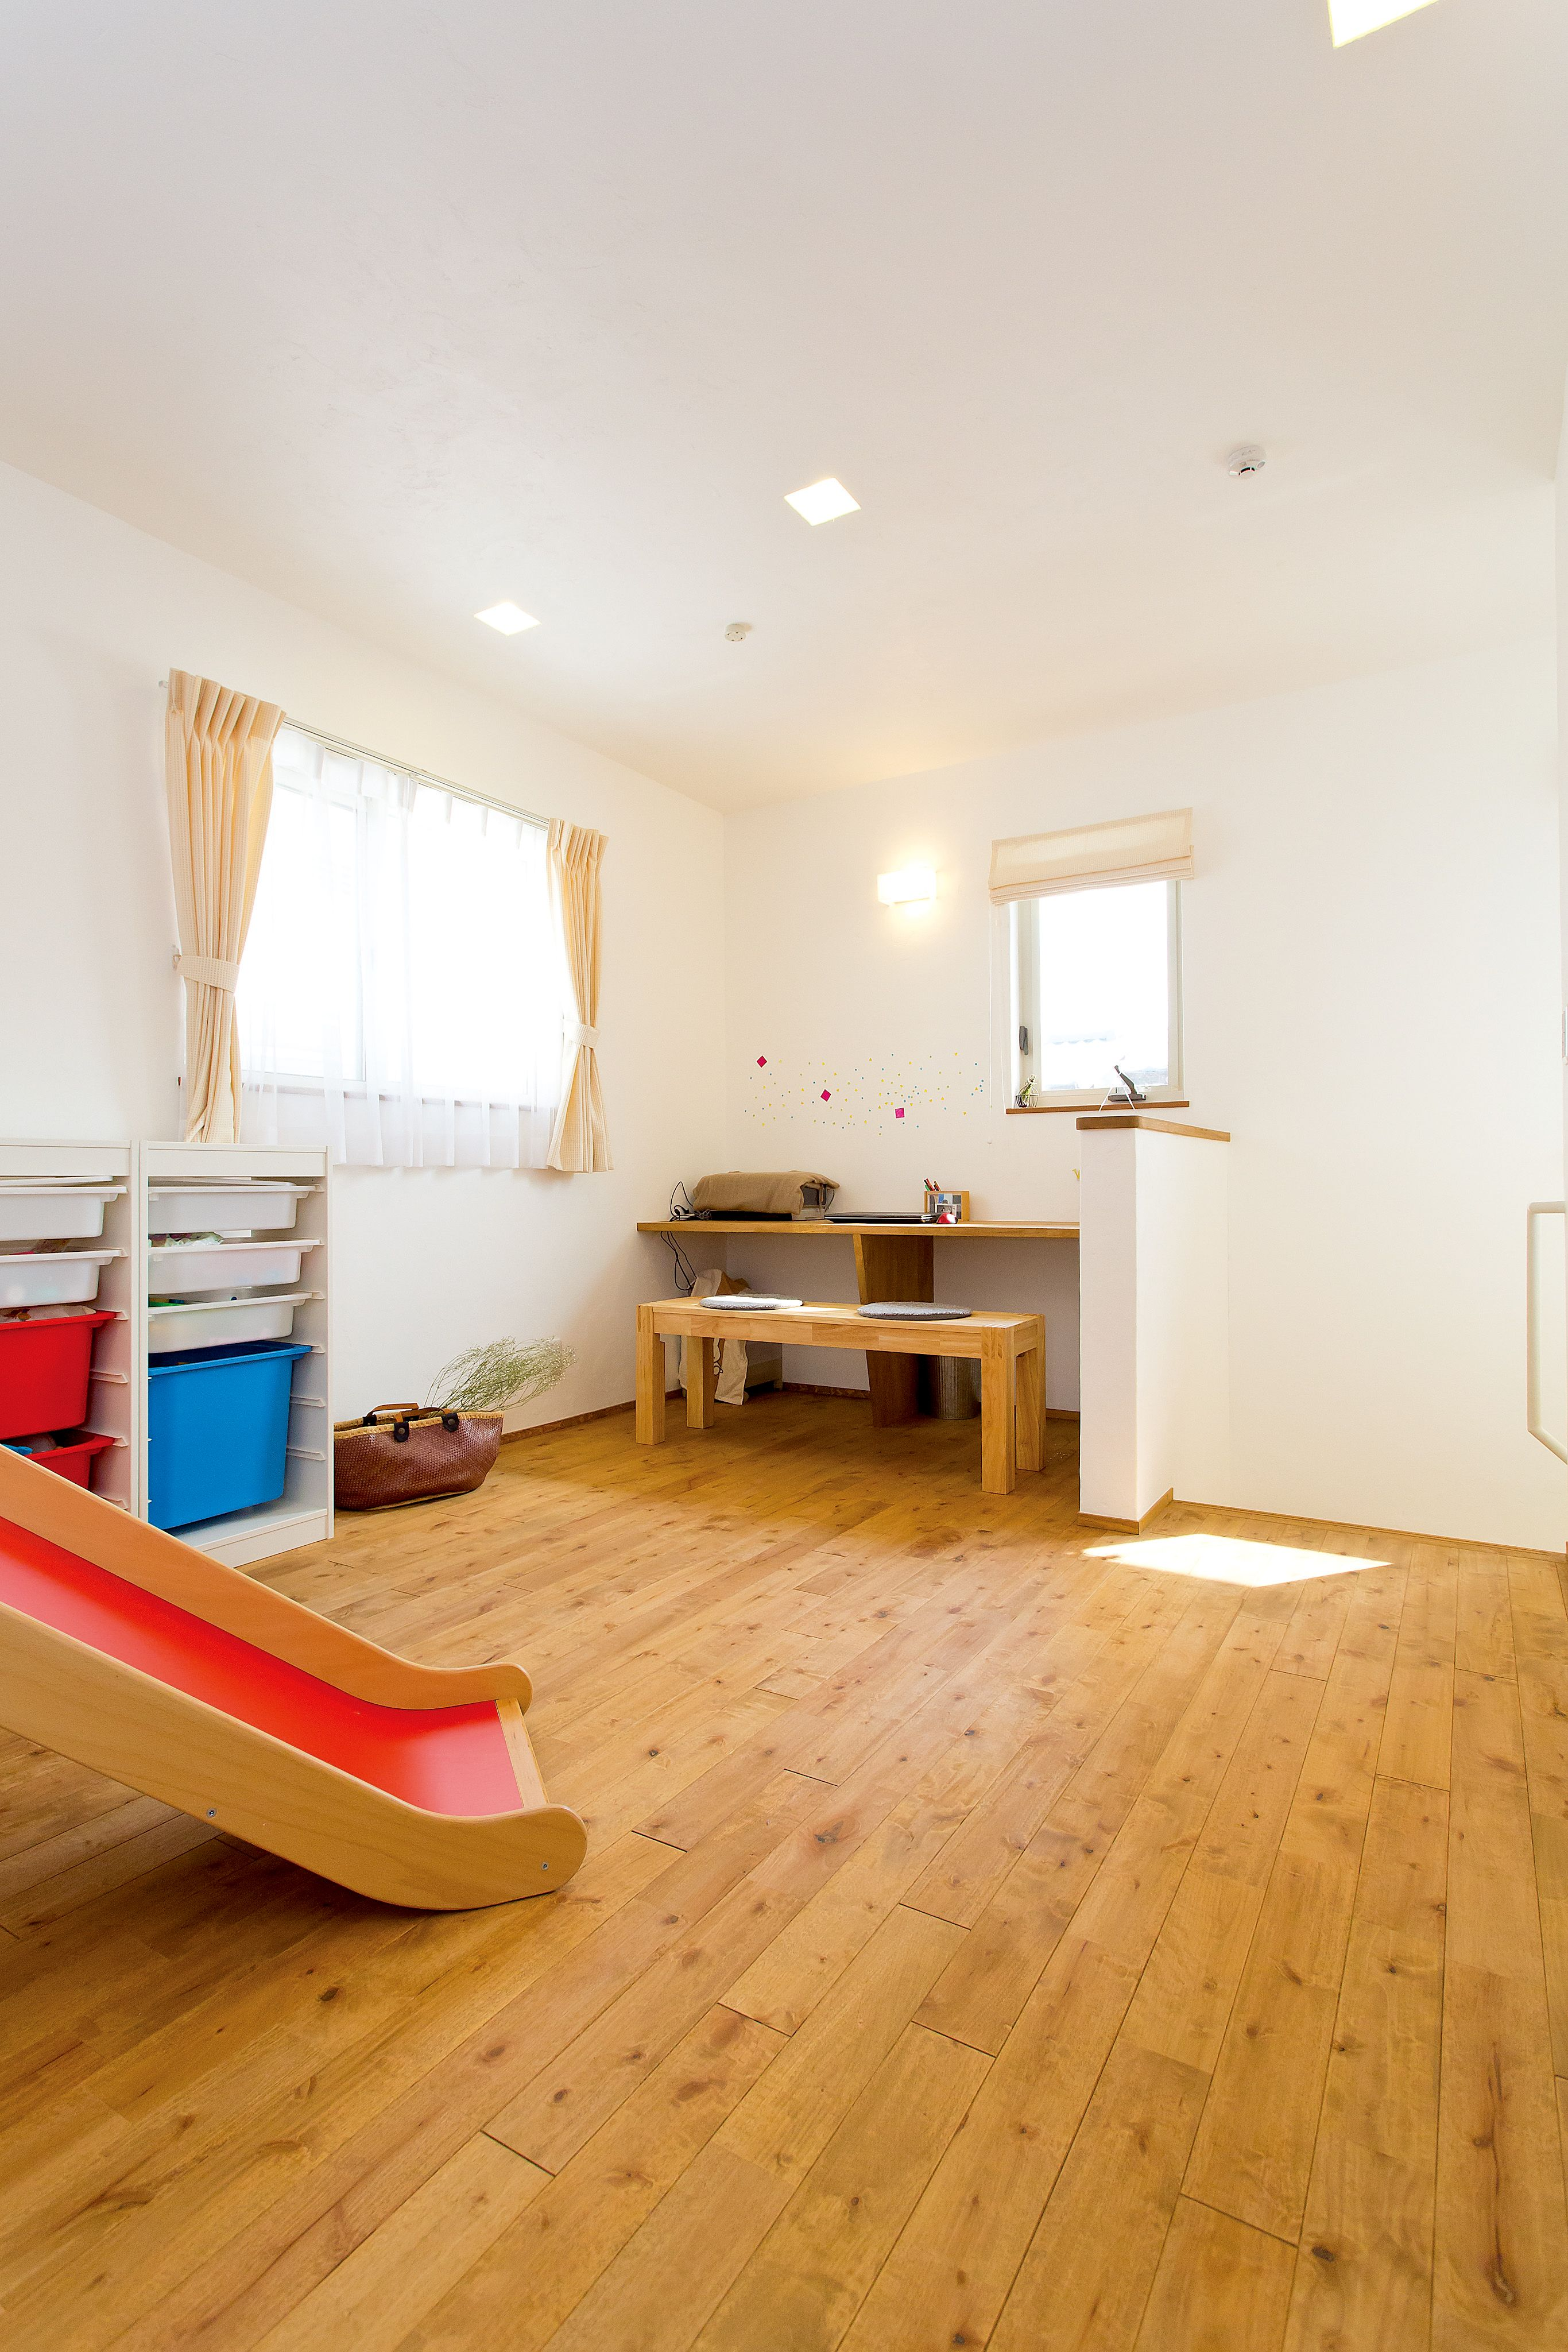 ケース41 模様替え 勉強スペース 無添加住宅